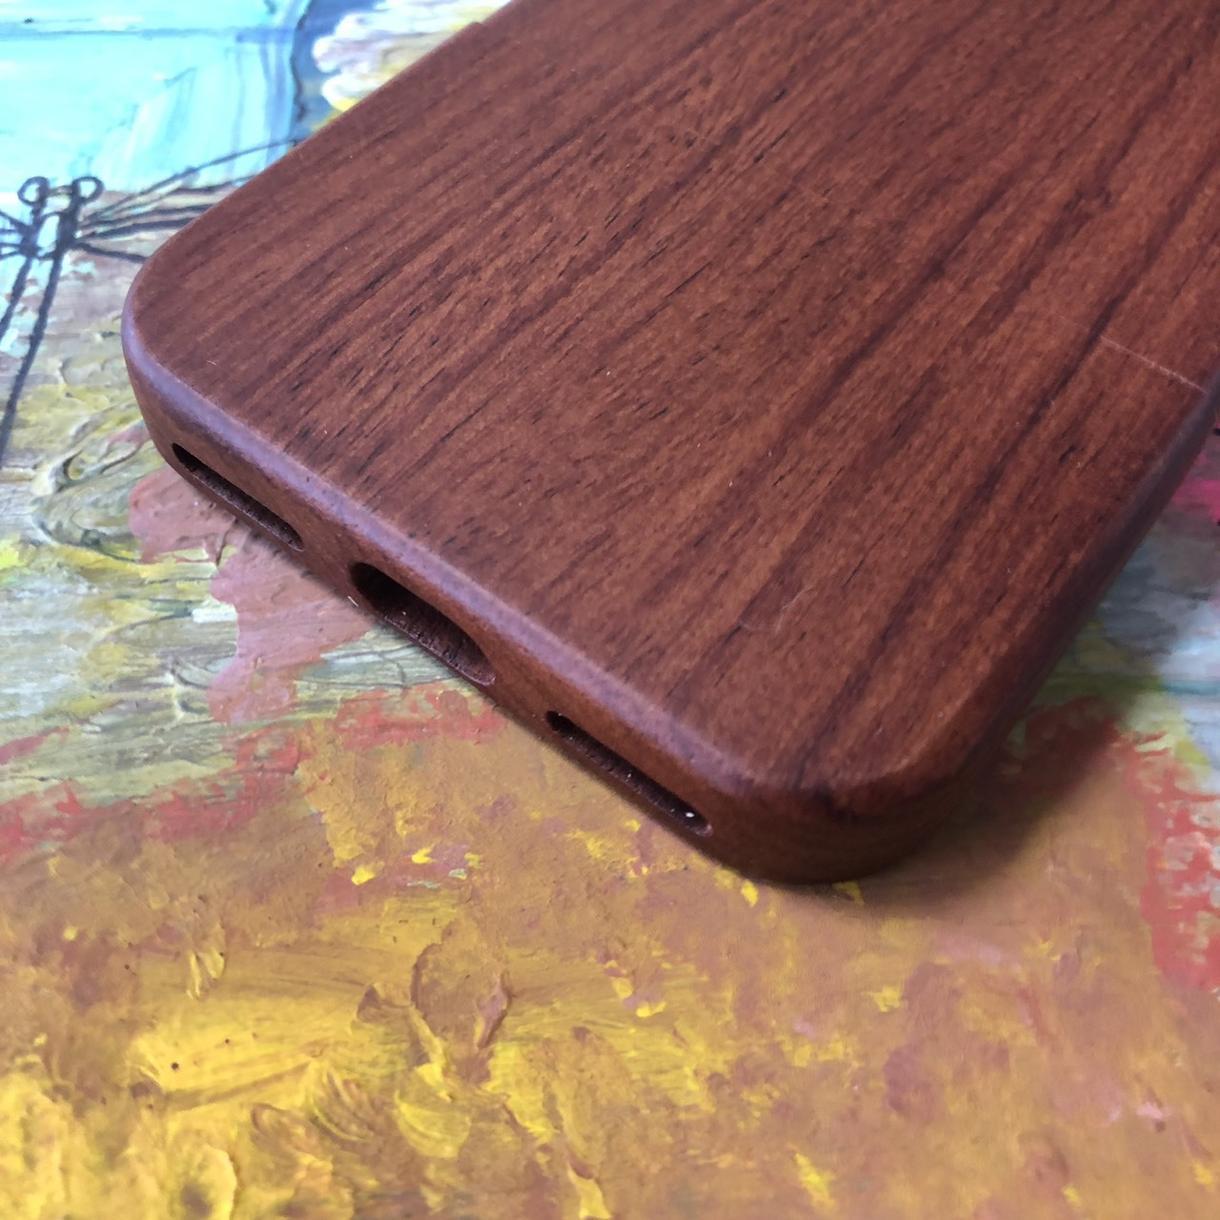 天然木製iPhoneケース彫刻にデザイン彫刻ます あなただけの特別なiPhoneケース彫刻作成します!!